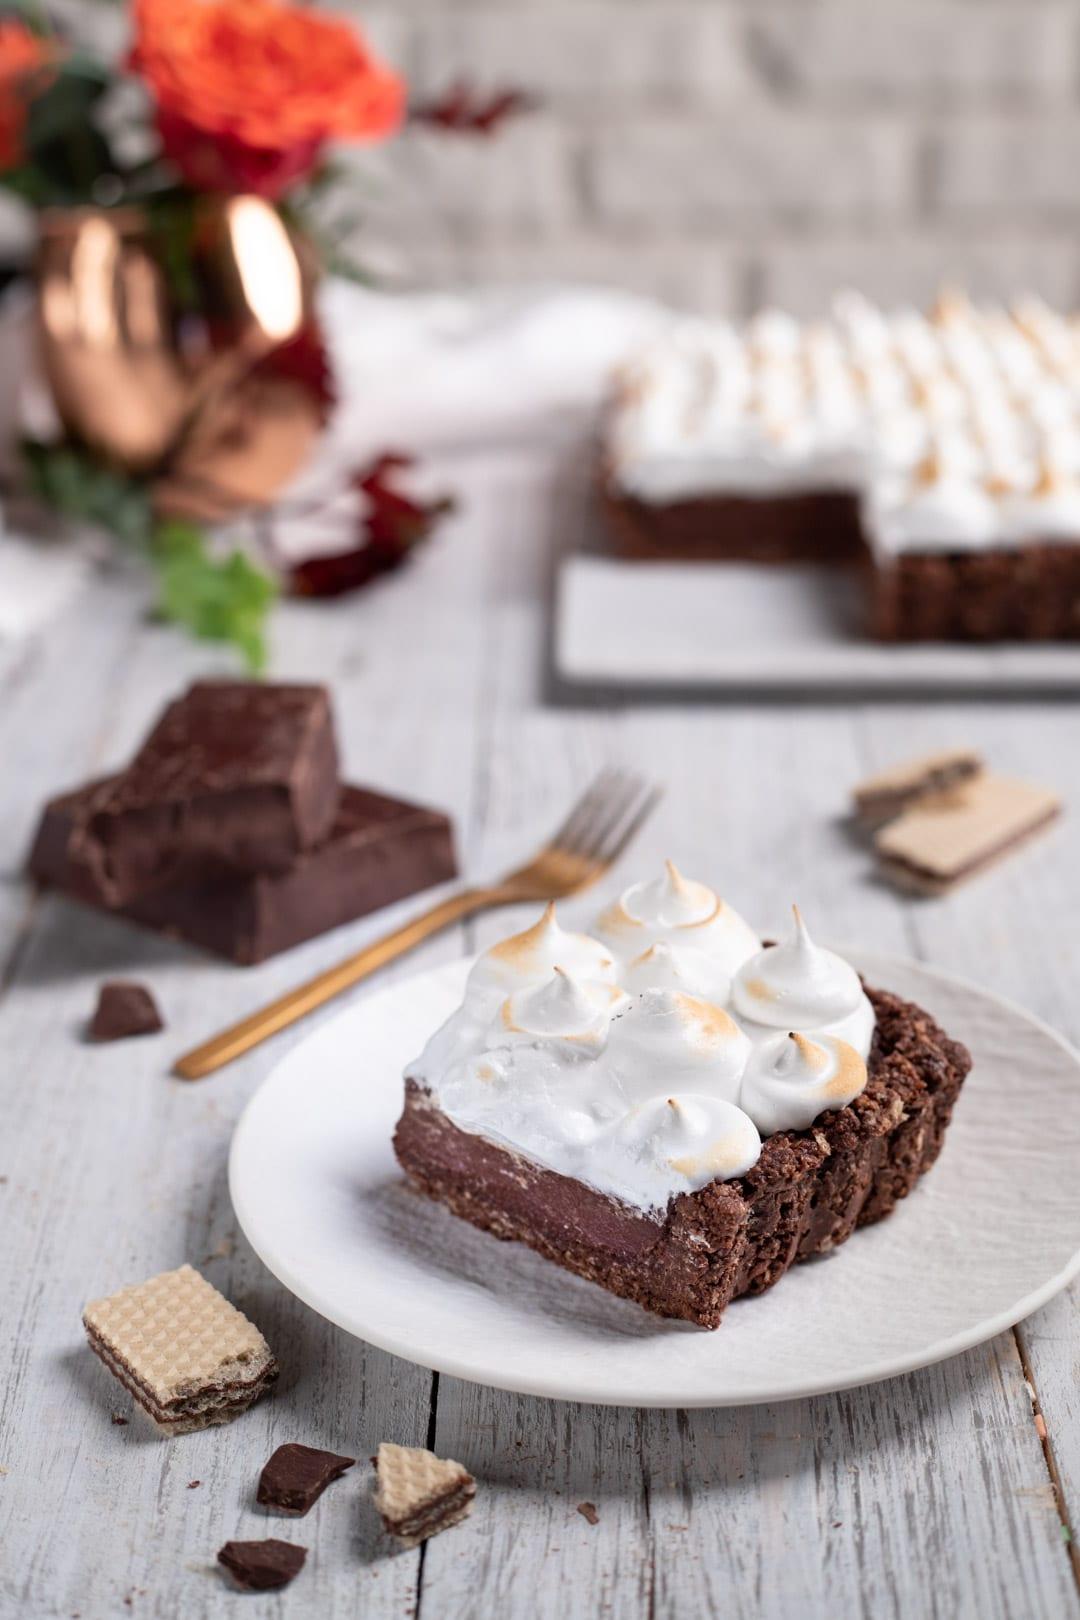 Torta meringata al cioccolato con fetta già tagliata e pronta da gustare